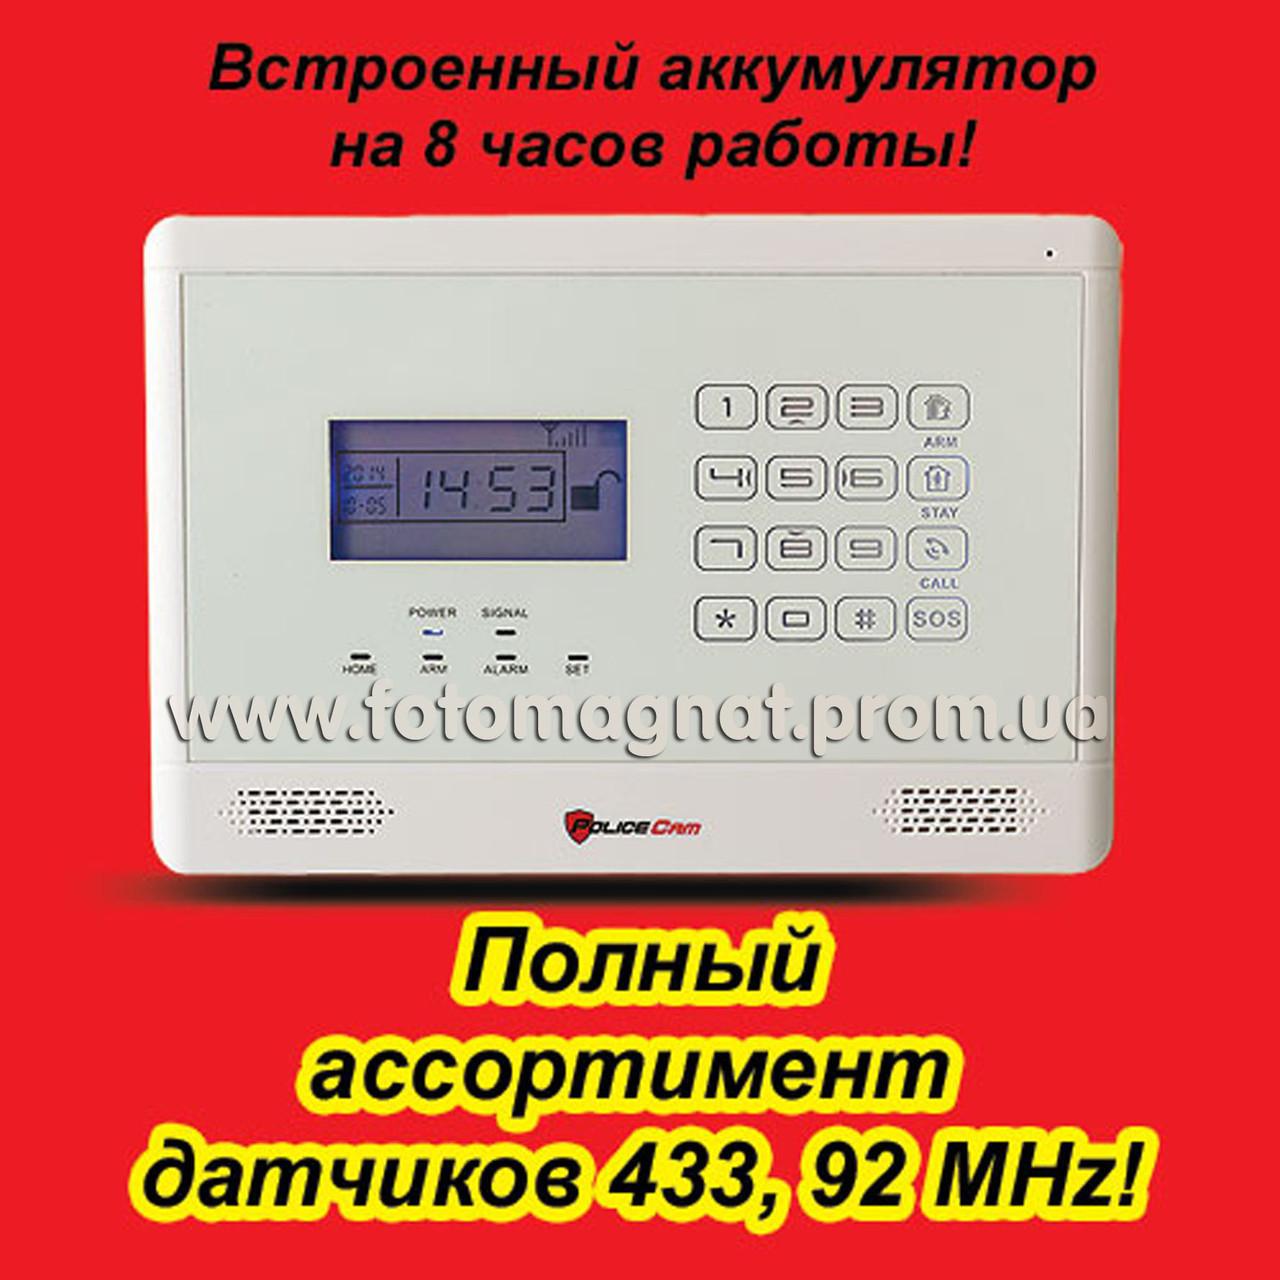 инструкция по программированию gsm 10a-007